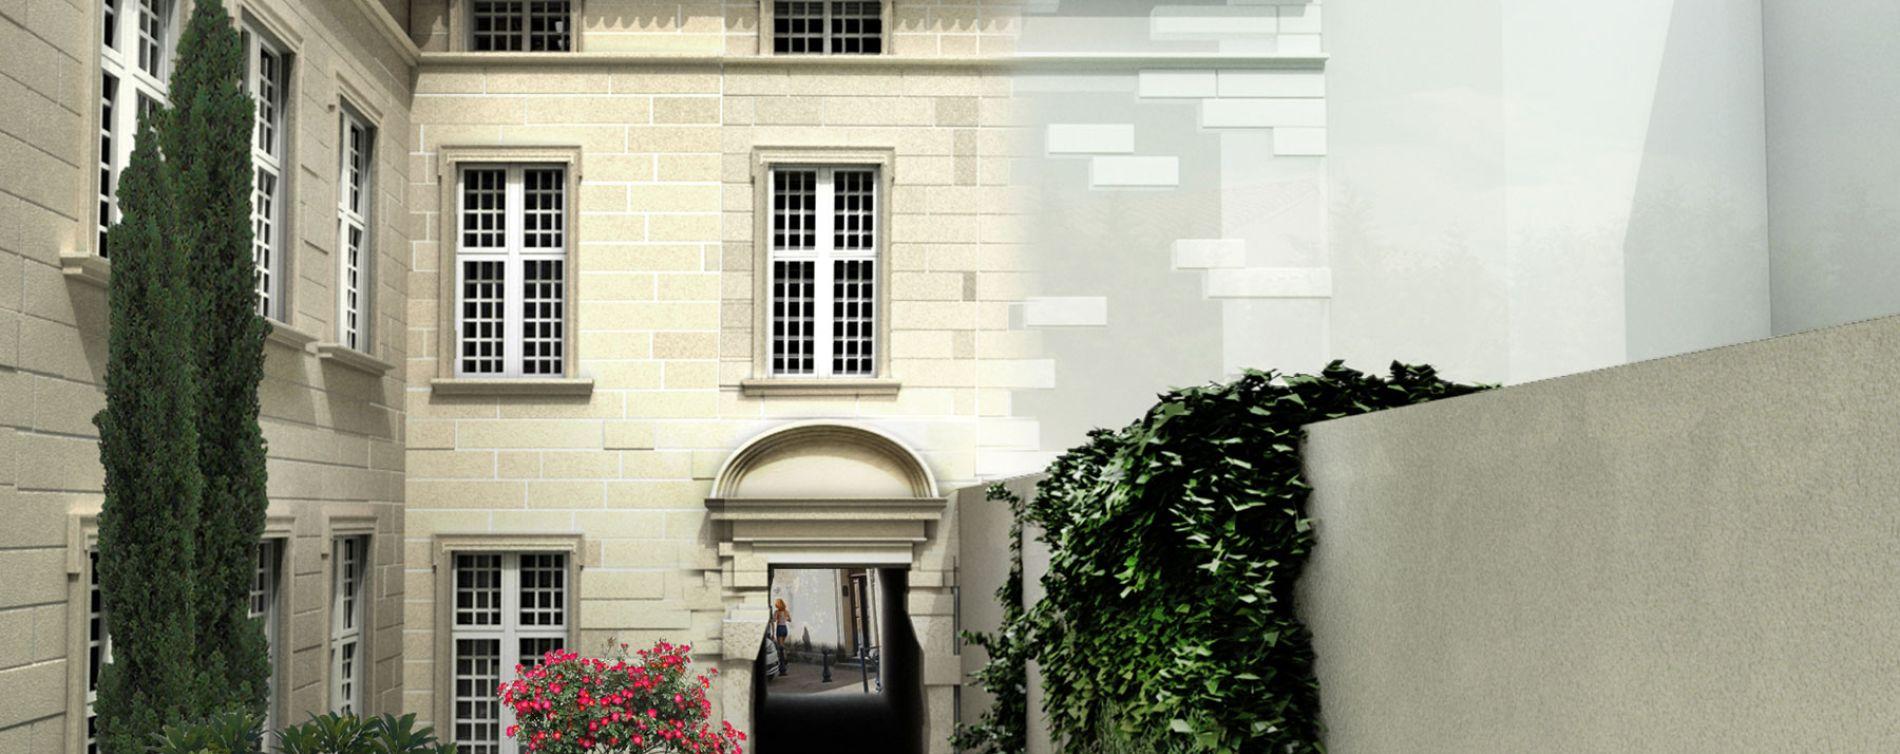 Résidence 45 Rue de la République à Villeneuve-lès-Avignon